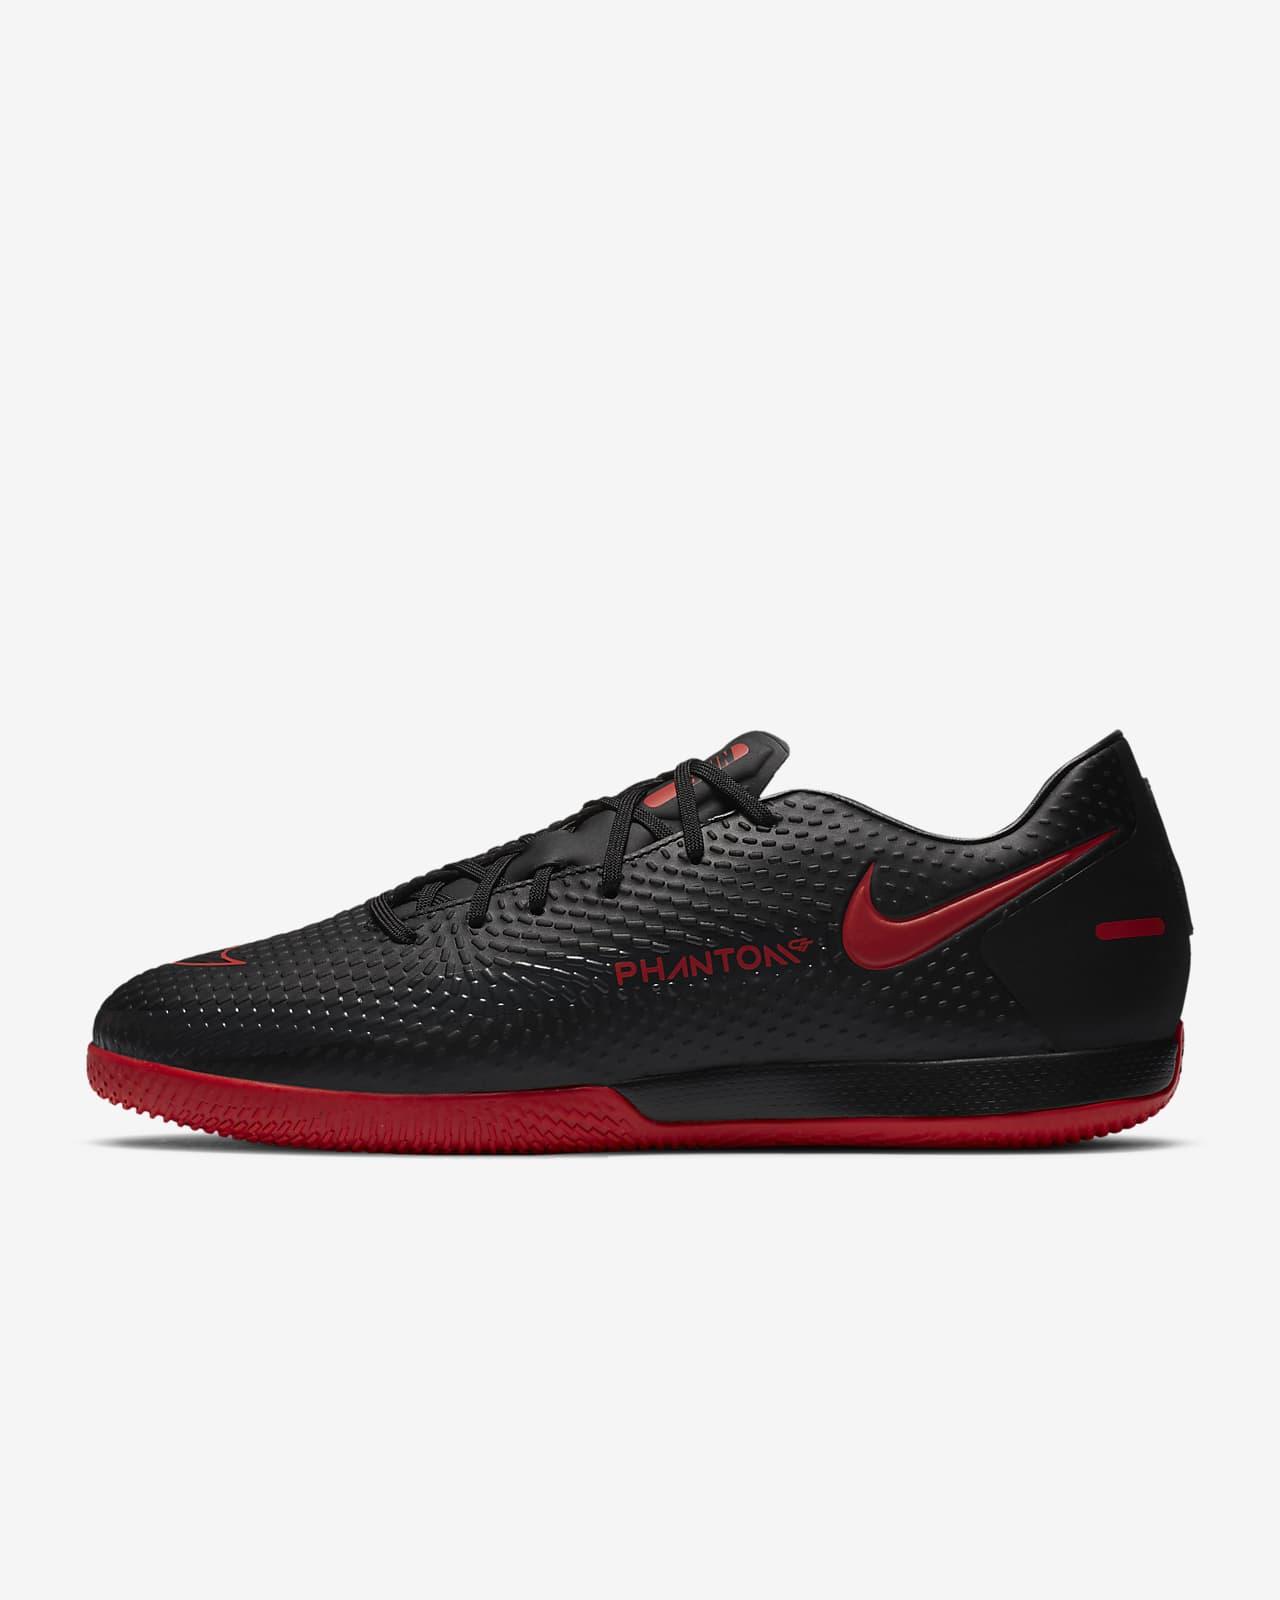 Nike Phantom GT Academy IC-fodboldstøvle til indendørs